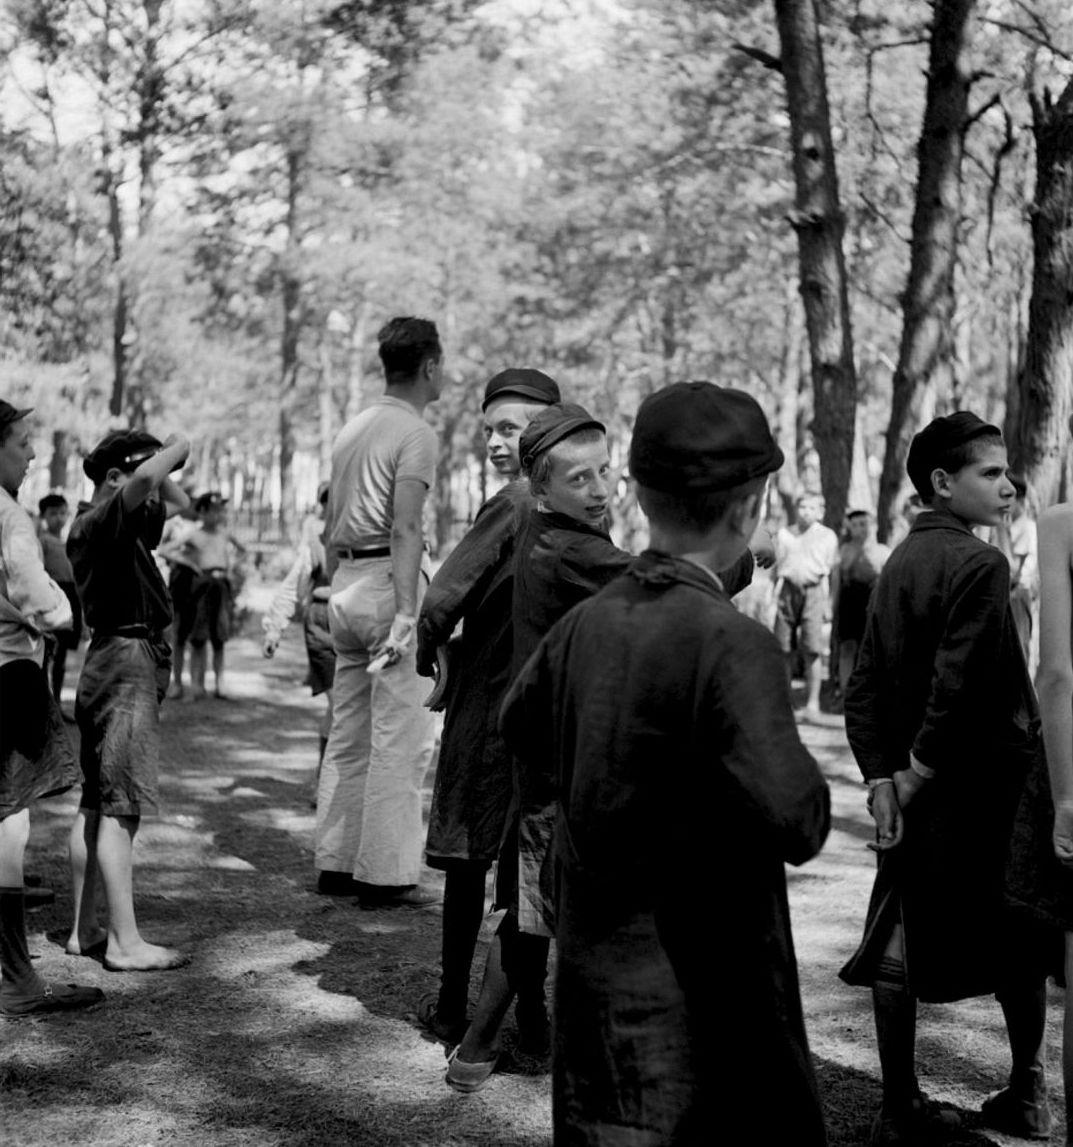 Дети, играющие на природе и наблюдающие за игрой. Летний лагерь TOZ (Общество охраны здоровья еврейского населения) недалеко от Варшавы